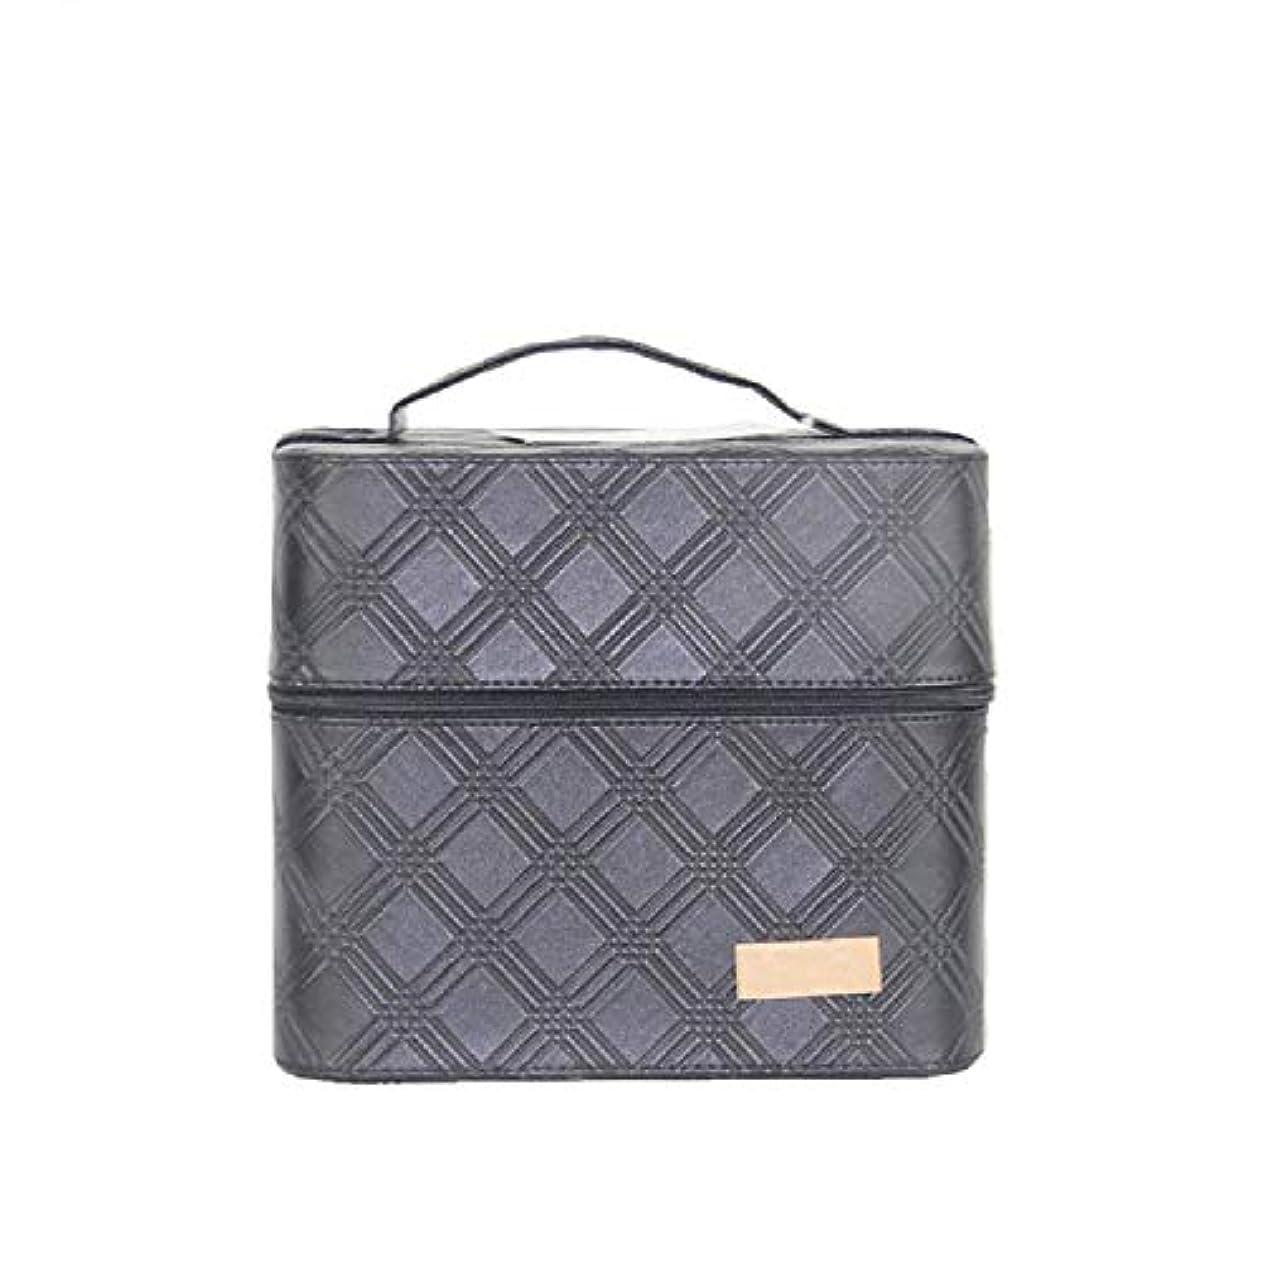 磁器重さトランジスタ化粧オーガナイザーバッグ ジッパーと2つのトレイで小さなものの種類の旅行のための美容メイクアップのための黒のポータブル化粧品バッグ 化粧品ケース